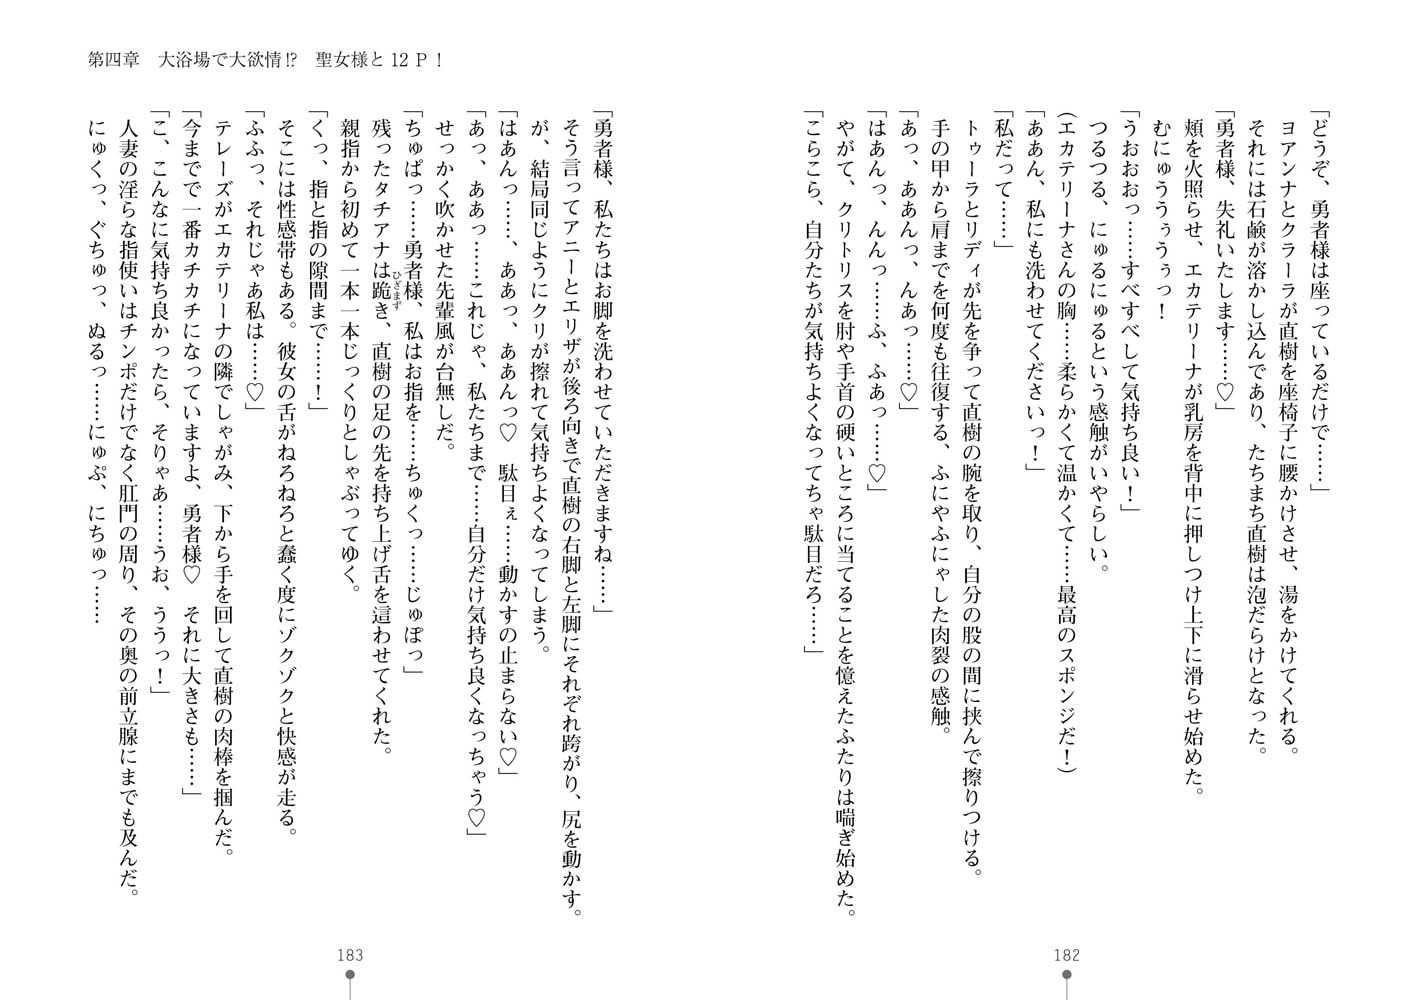 異世界ハーレム物語2 ~王宮美女たちと豪華4P!8P!12P!~